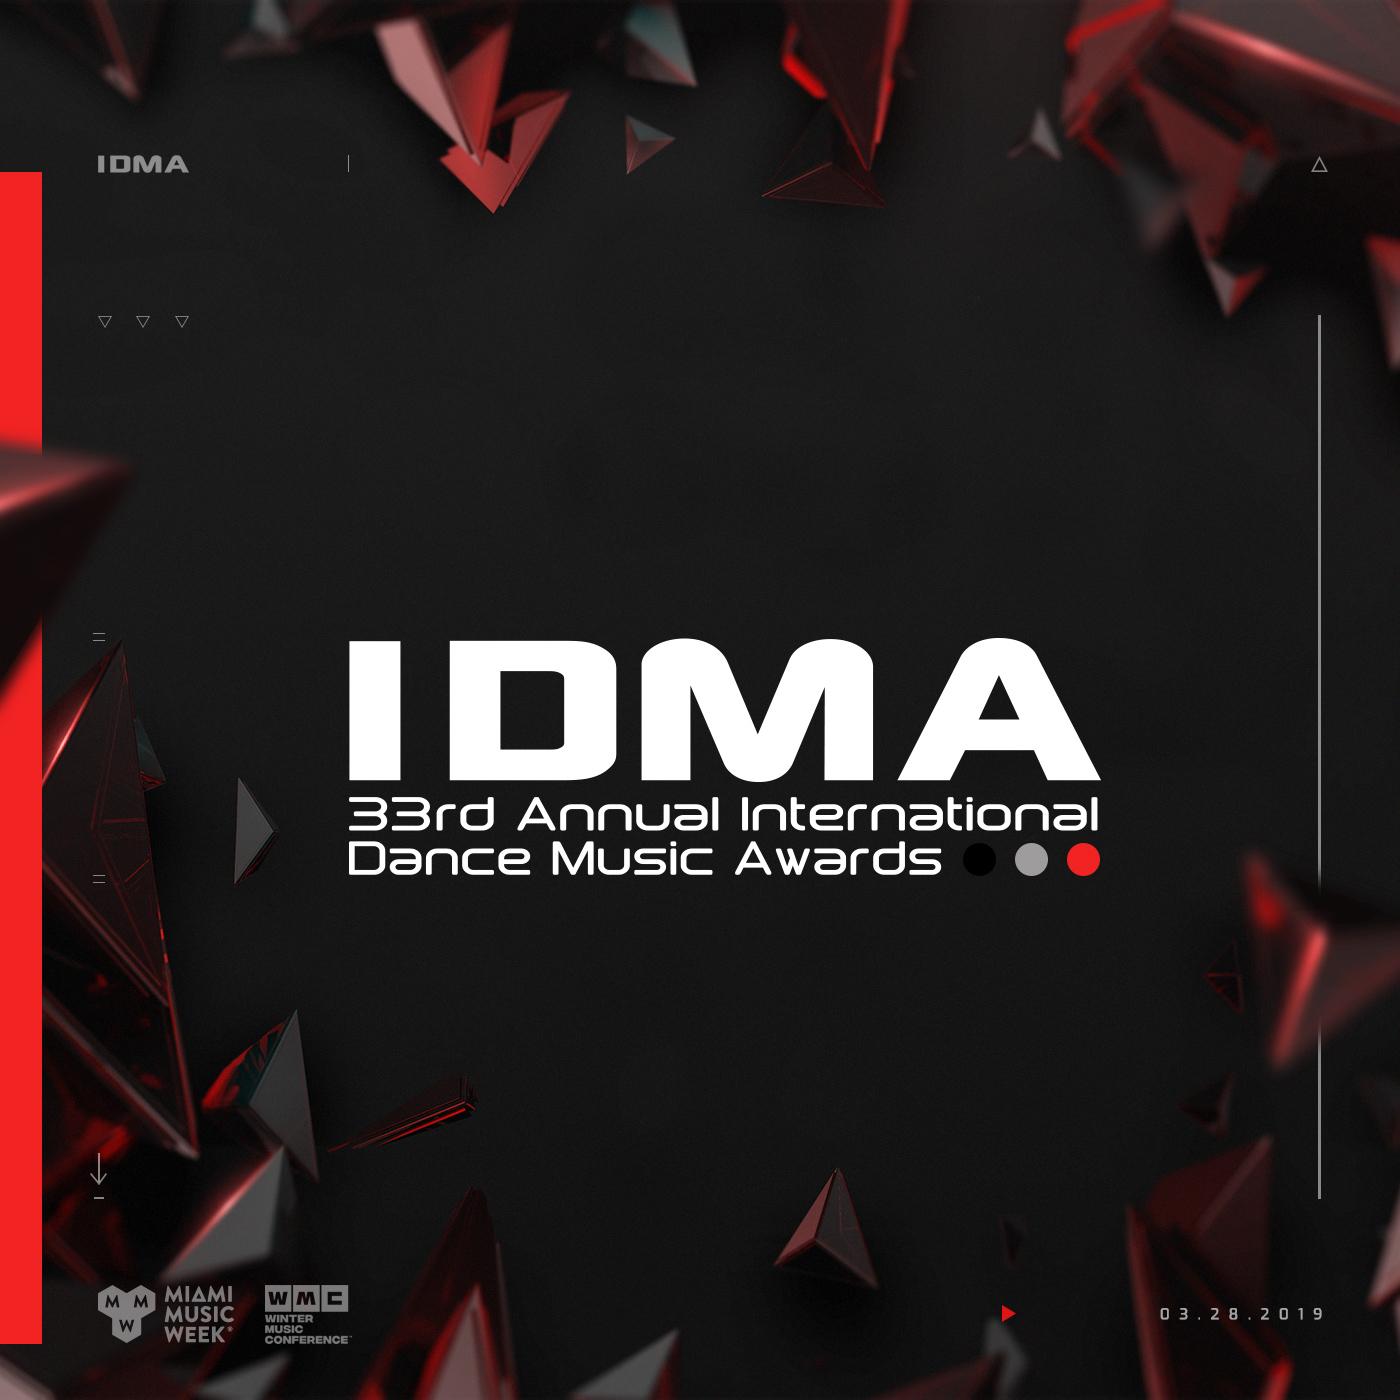 International Dance Music Award (IDMA)2019 ile ilgili görsel sonucu